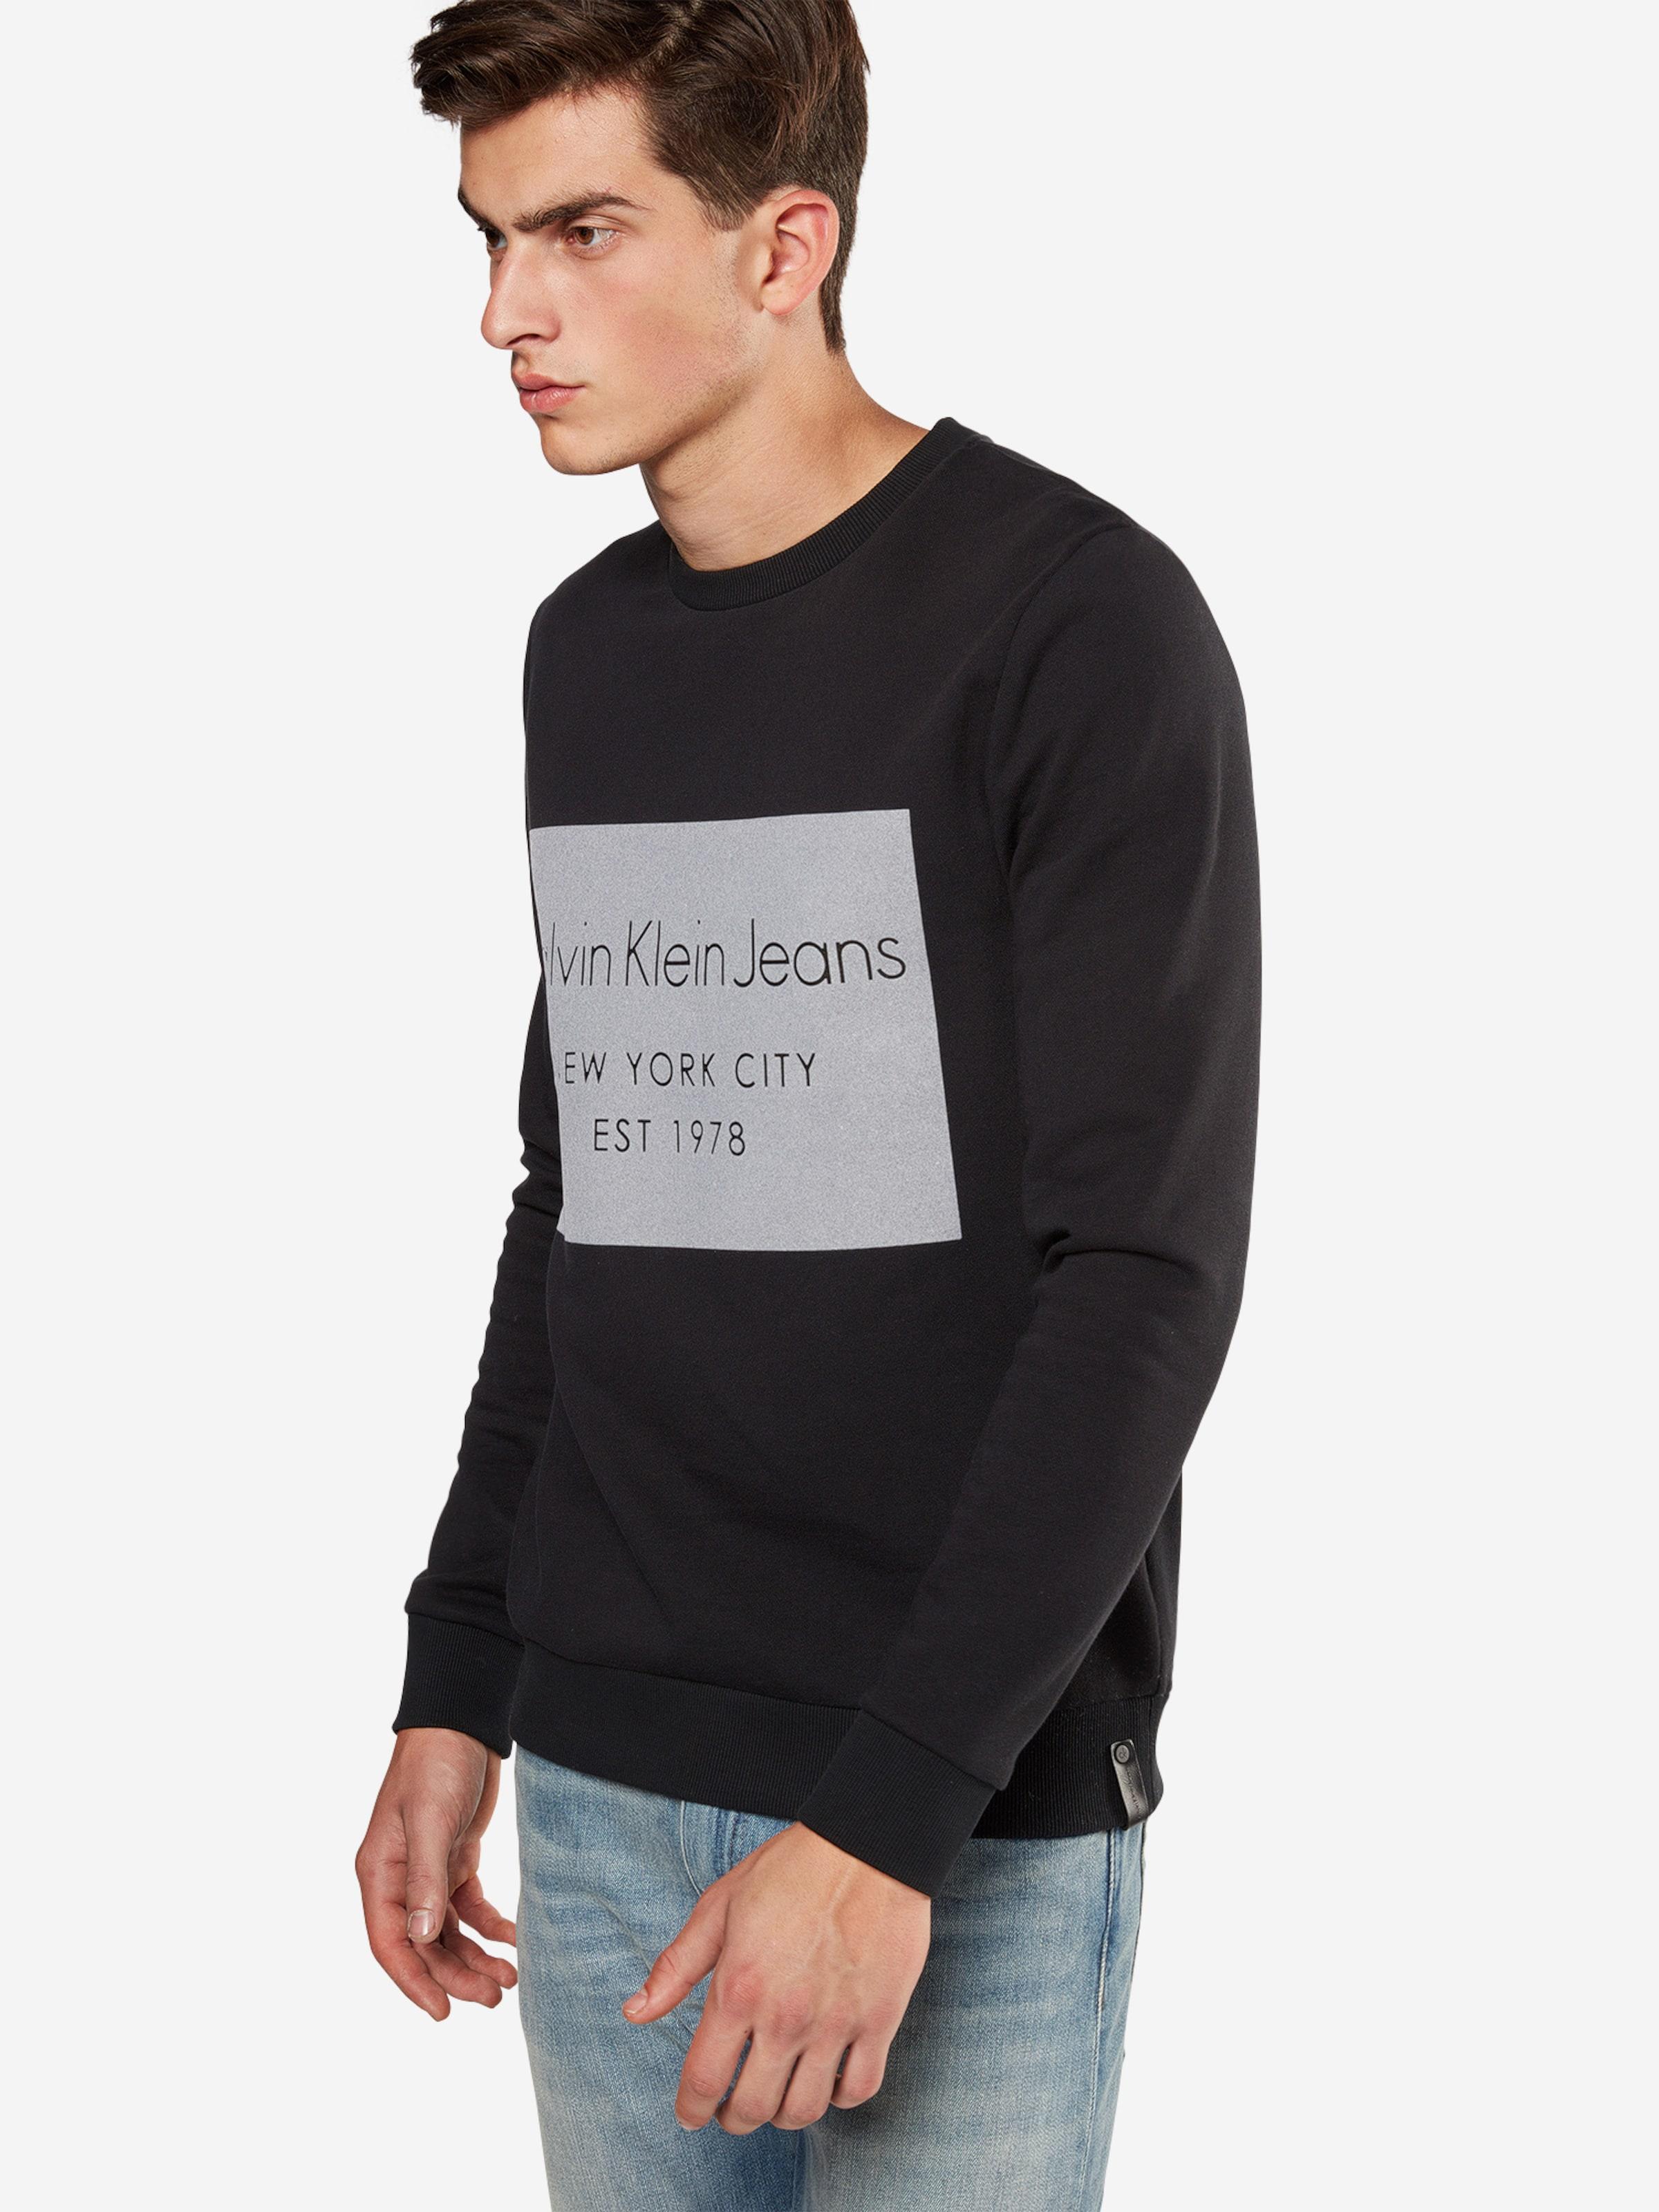 Auslass Eastbay Calvin Klein Jeans Sweatshirt mit Flockdruck Online-Bilder Verkauf Zg0ie9TowN